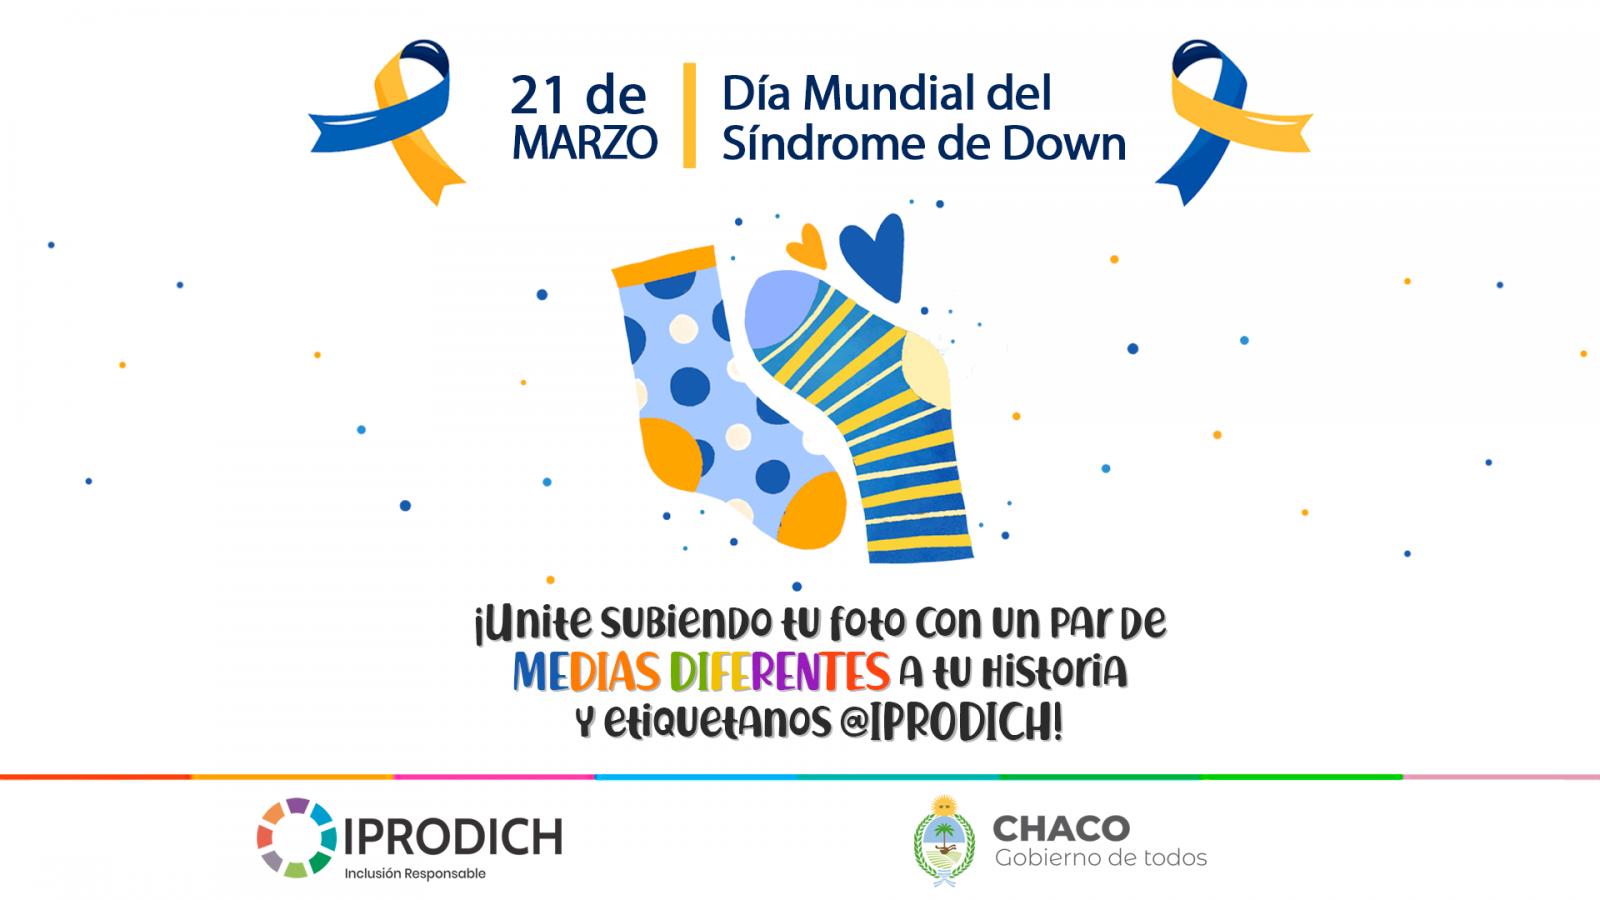 21 de marzo: IPRODICH invita al público a ponerse medias diferentes para conmemorar el Día Mundial del Síndrome de Down